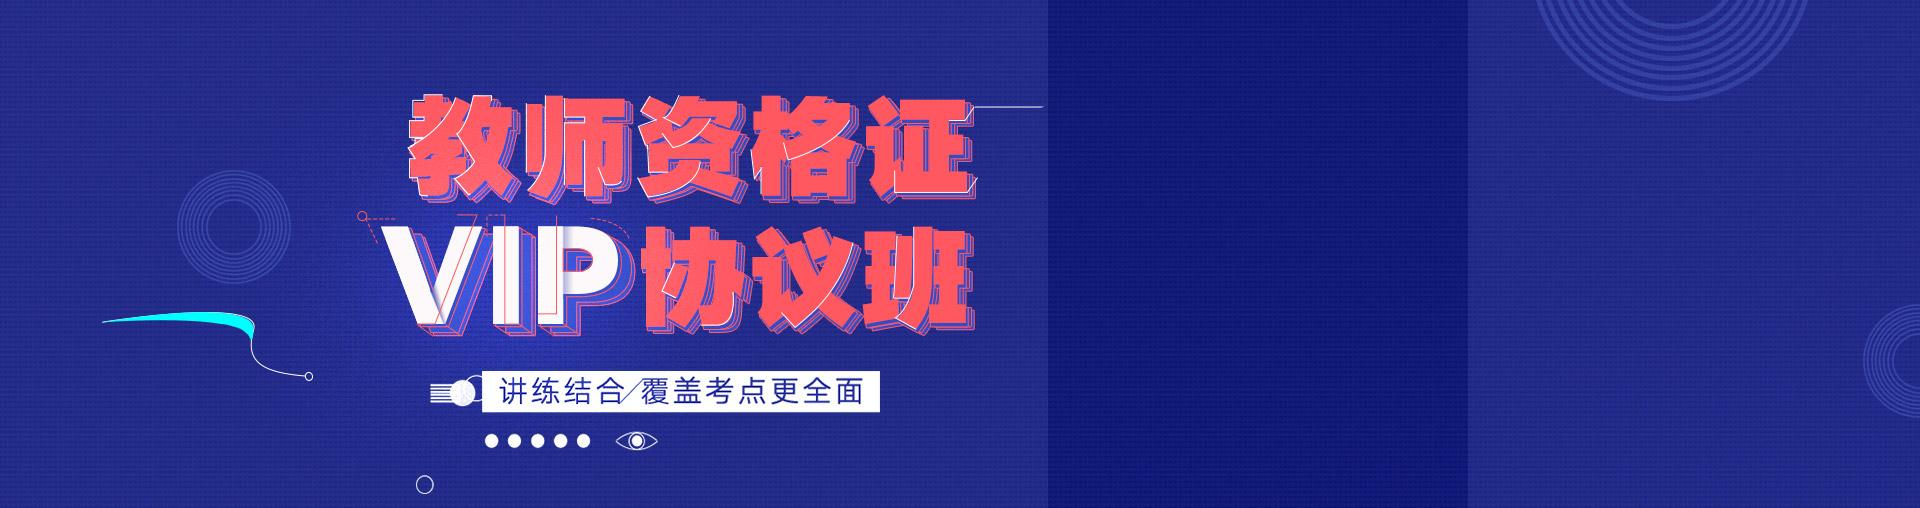 【暑期班】有道考神教资笔试2019下VIP协议班-中学(不过全退)(仅提供电子版讲义资料)